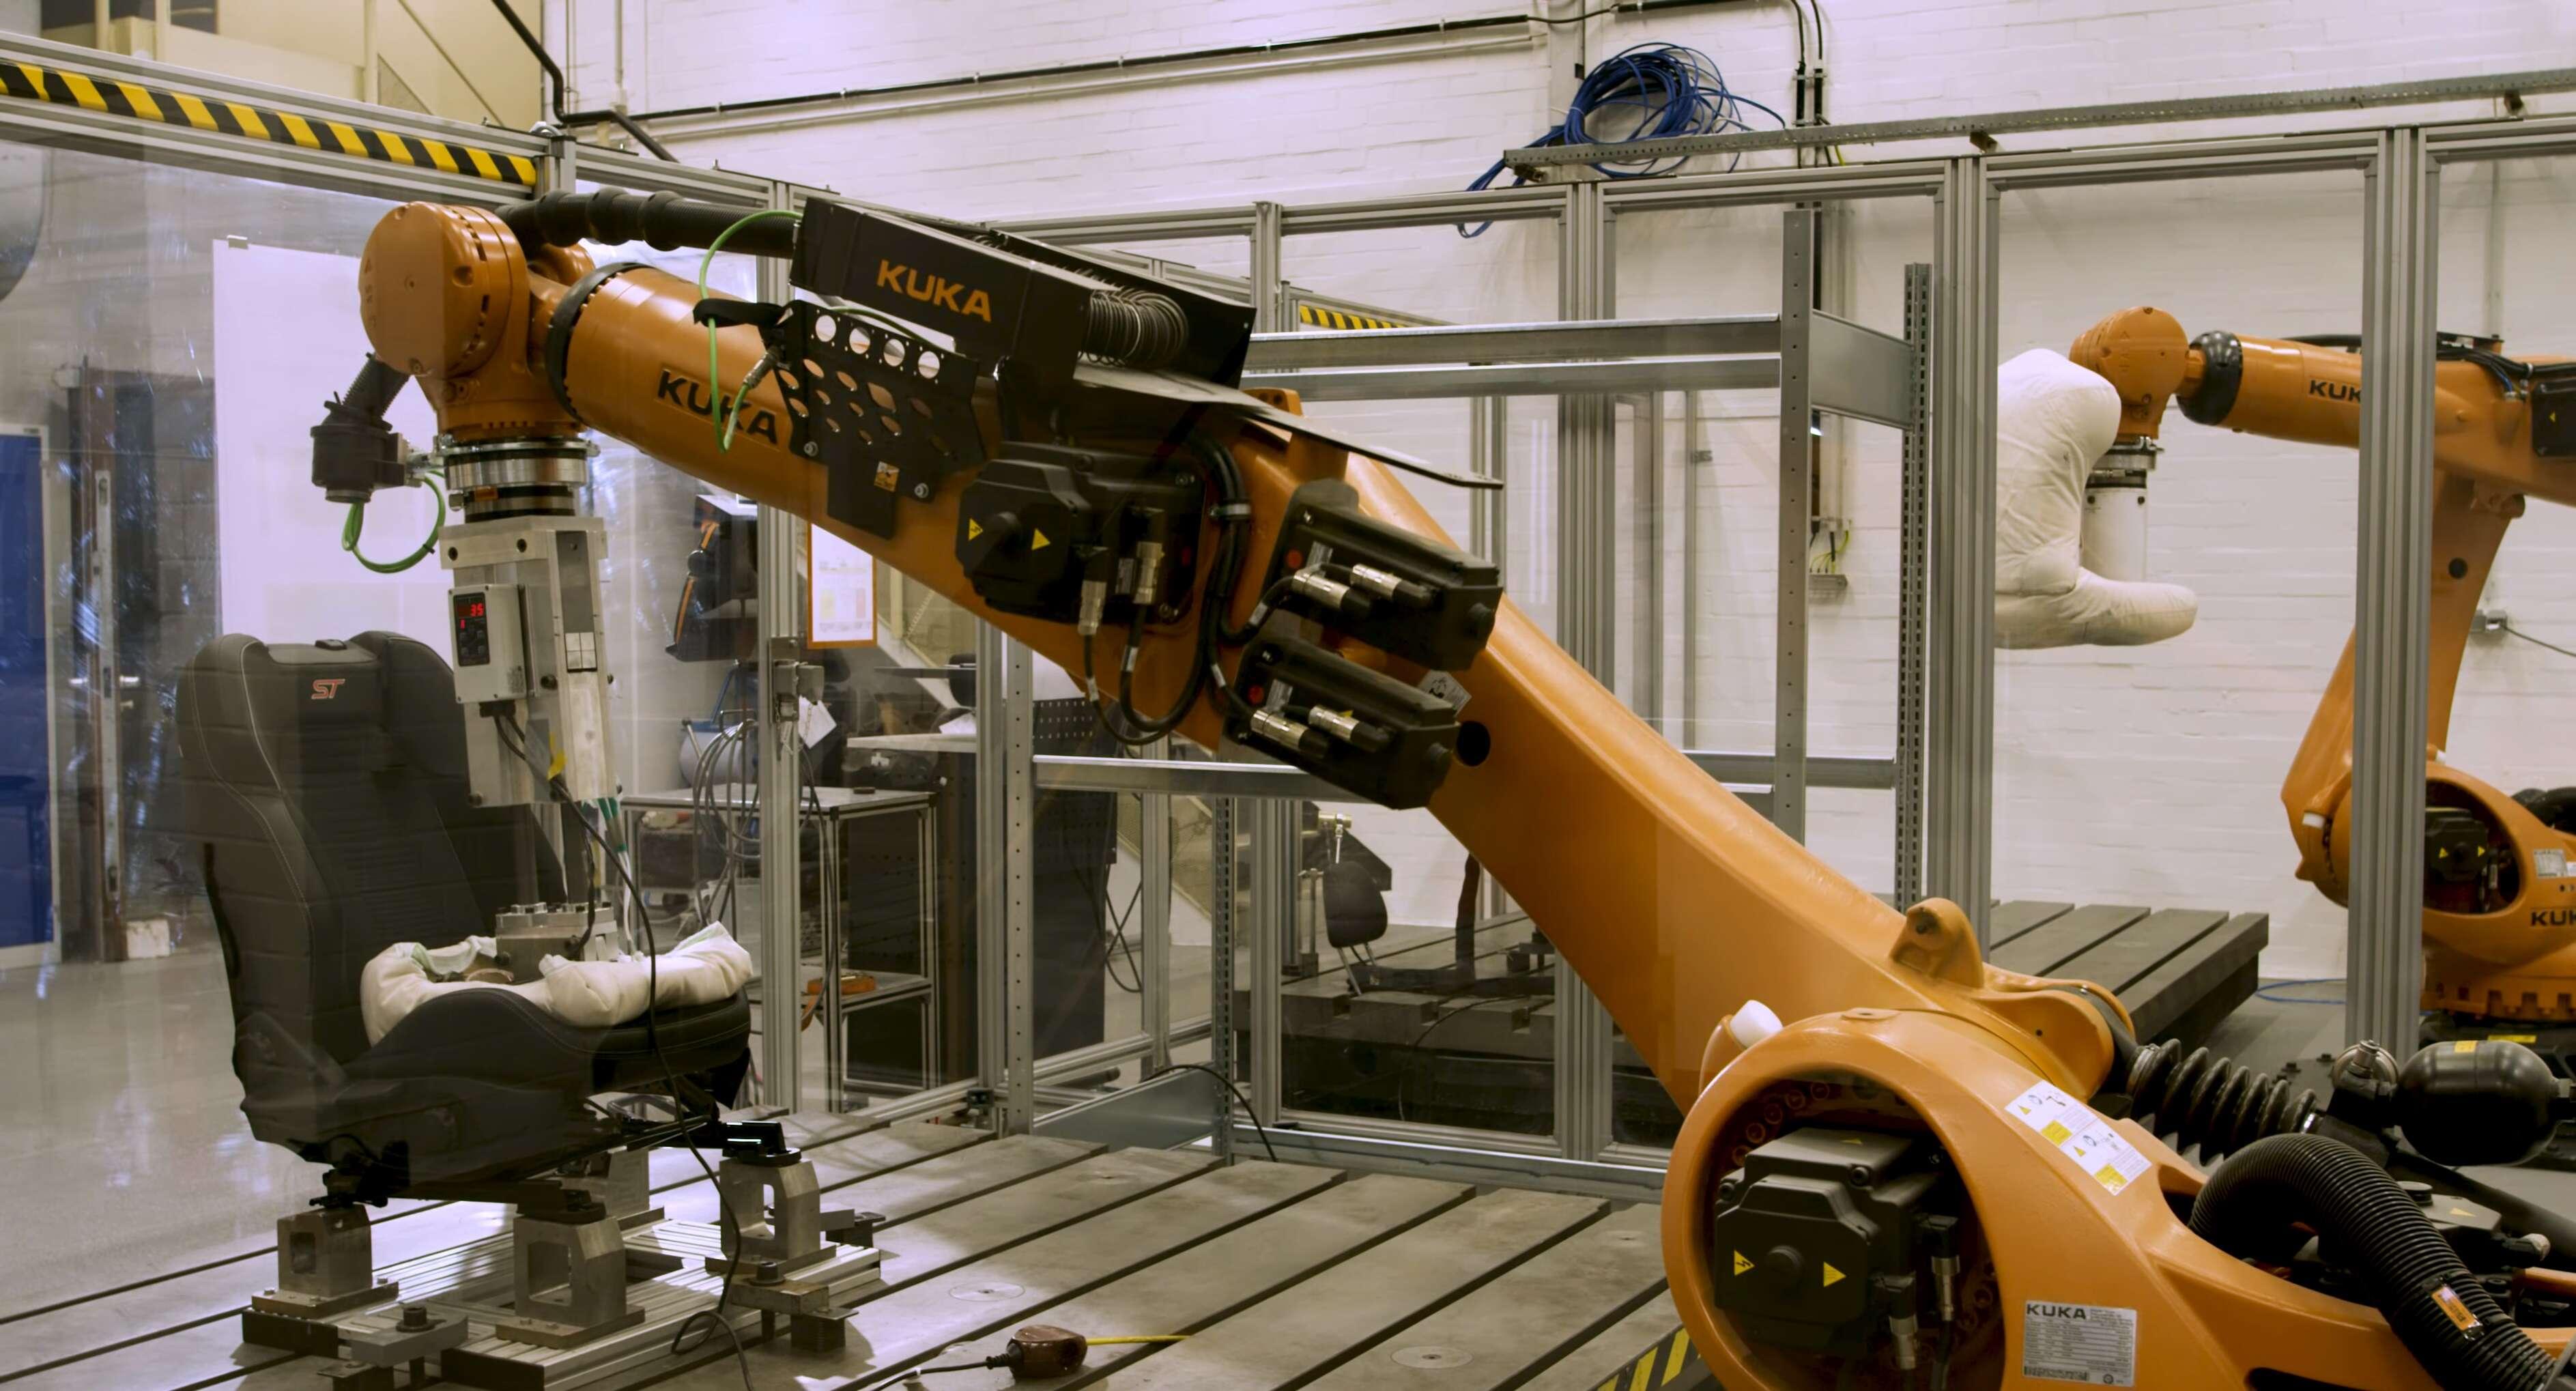 福特推出Robutt臀部模拟器 测试座椅耐用度